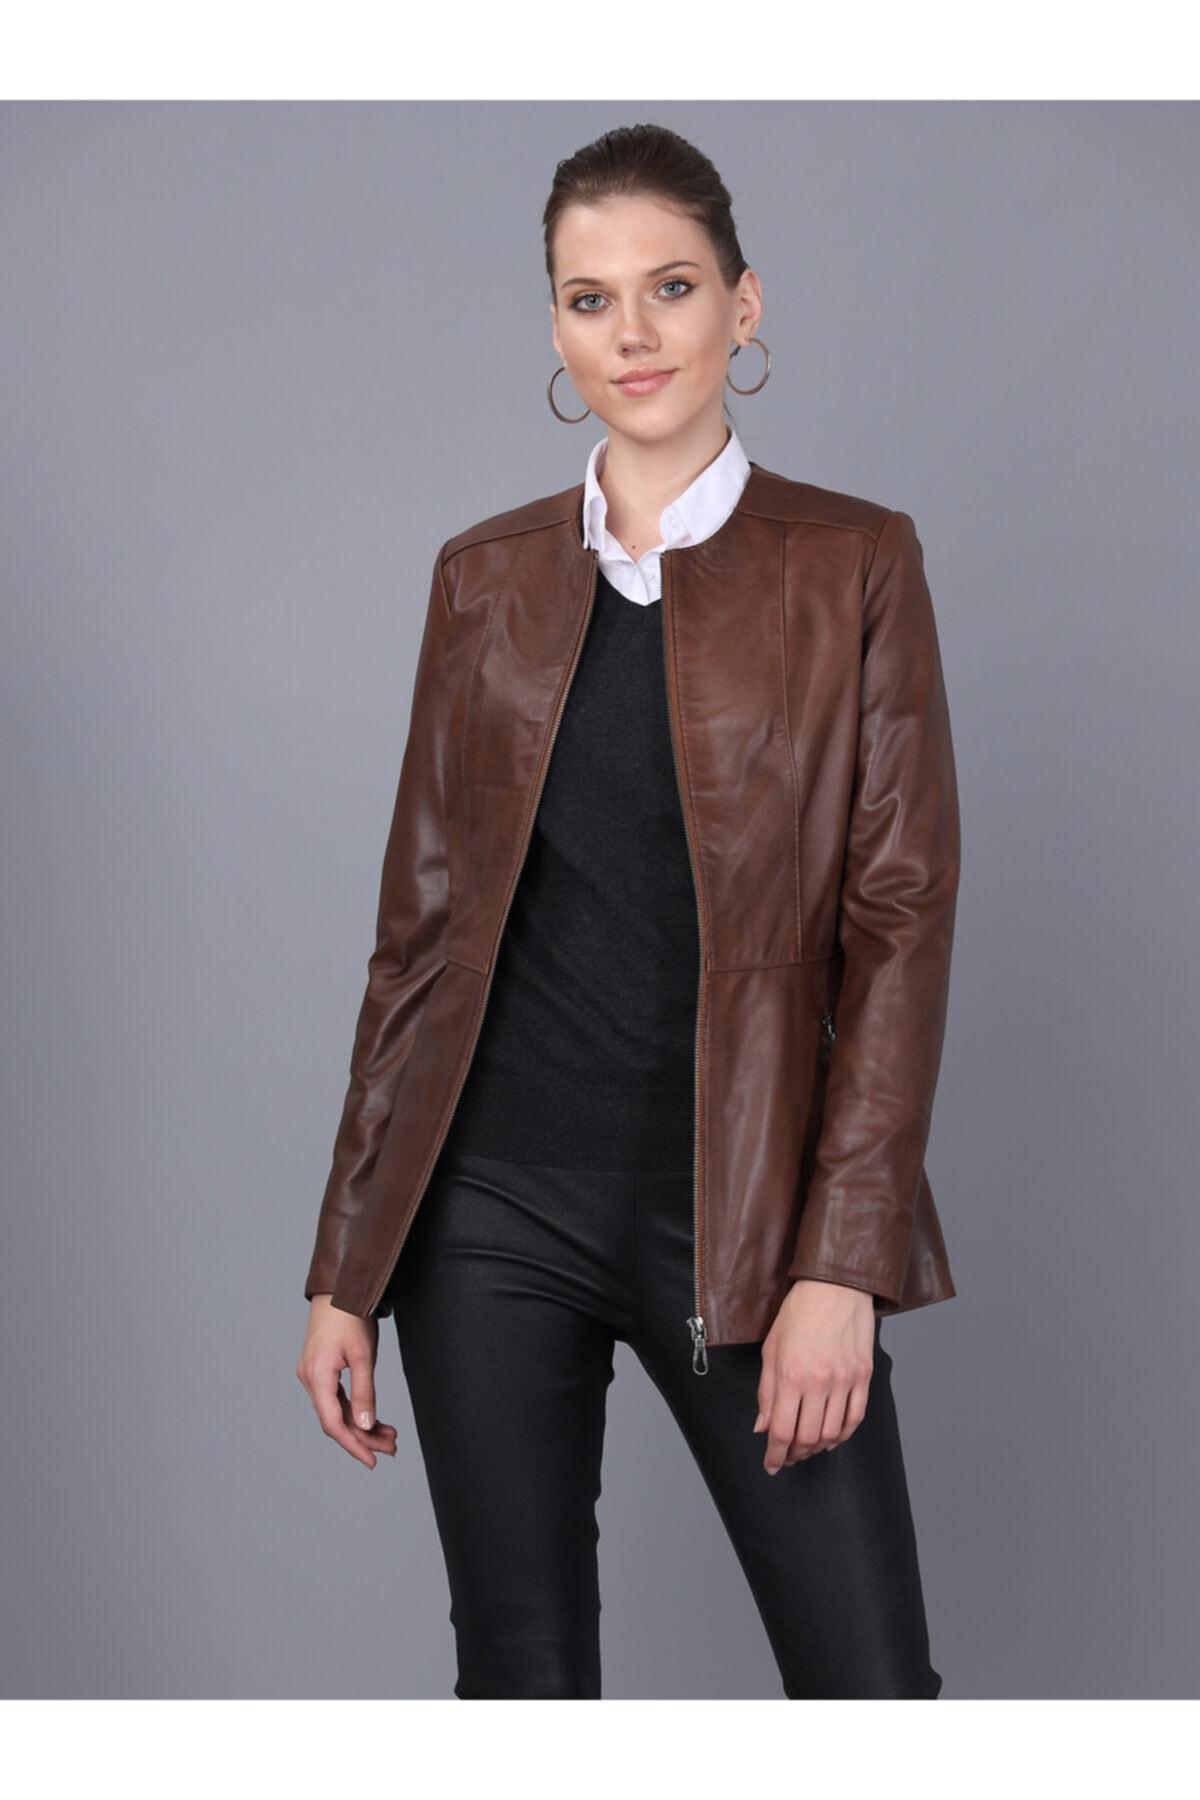 Basics&More Kadın Kestane Deri Ceket Bm03 1